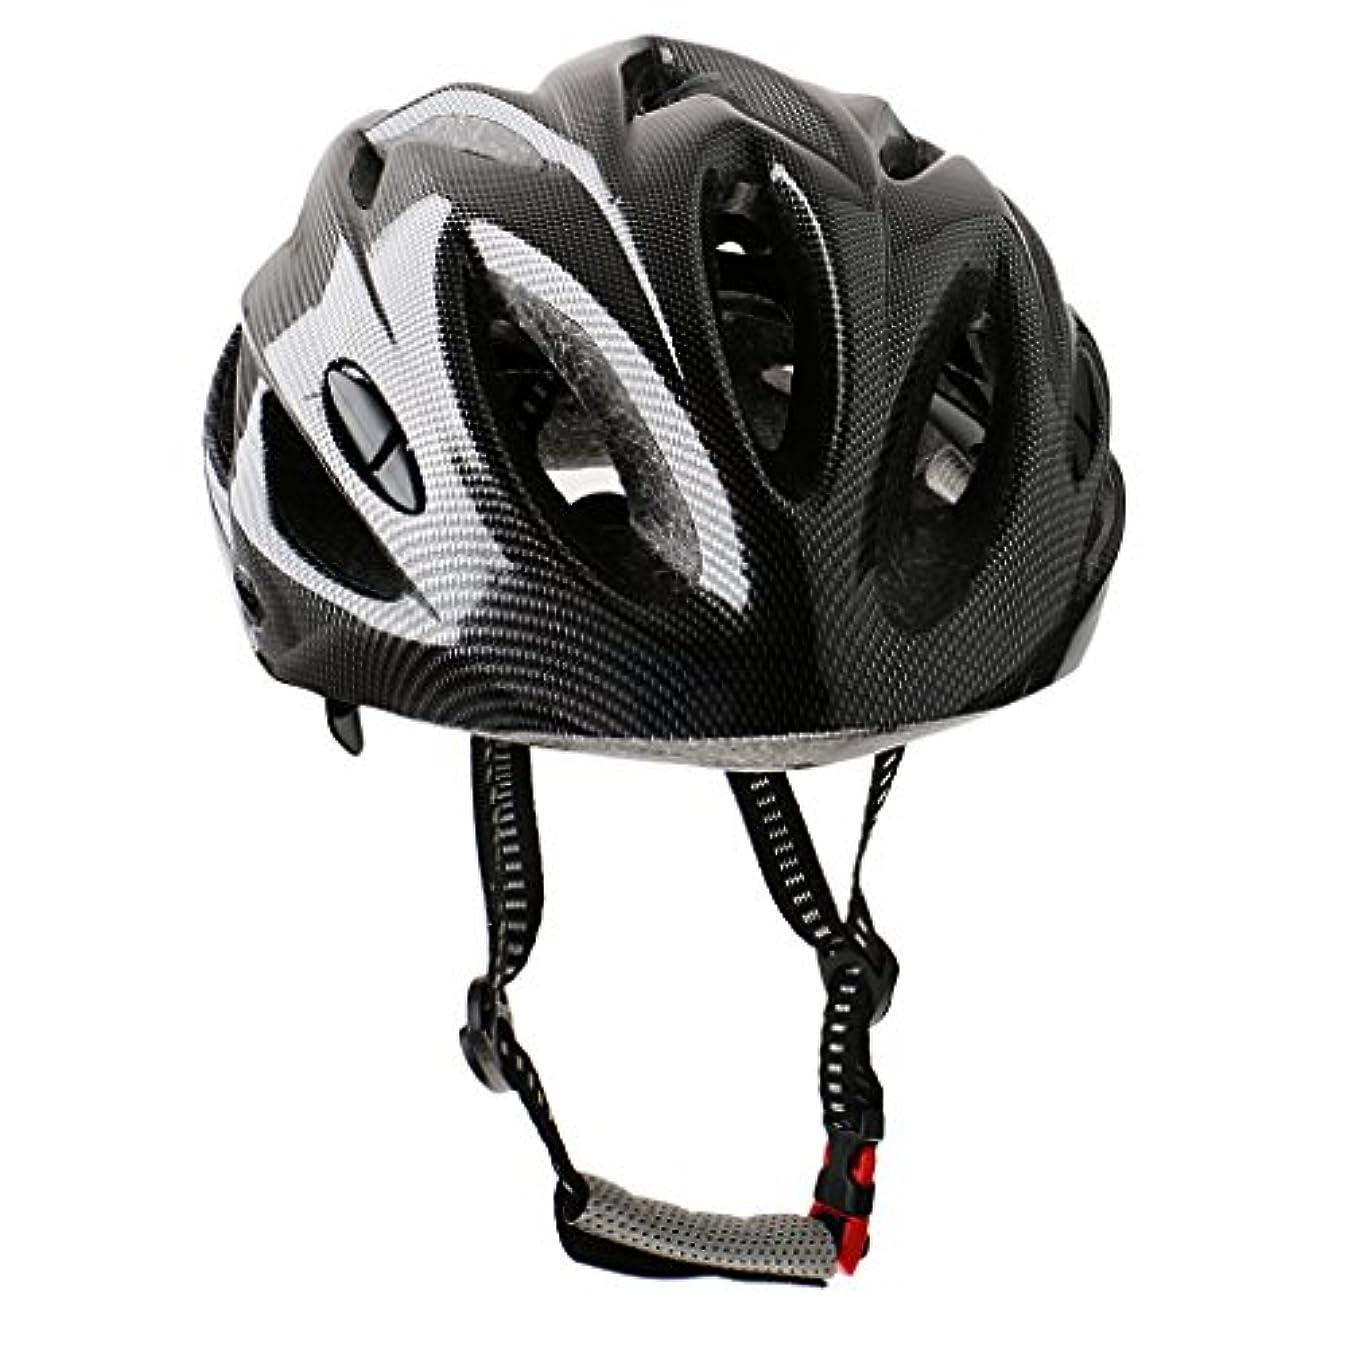 事前に積極的にストレスの多いロード バイク MTB サイクリング レース 自転車 安全 保護 ヘルメット 4色